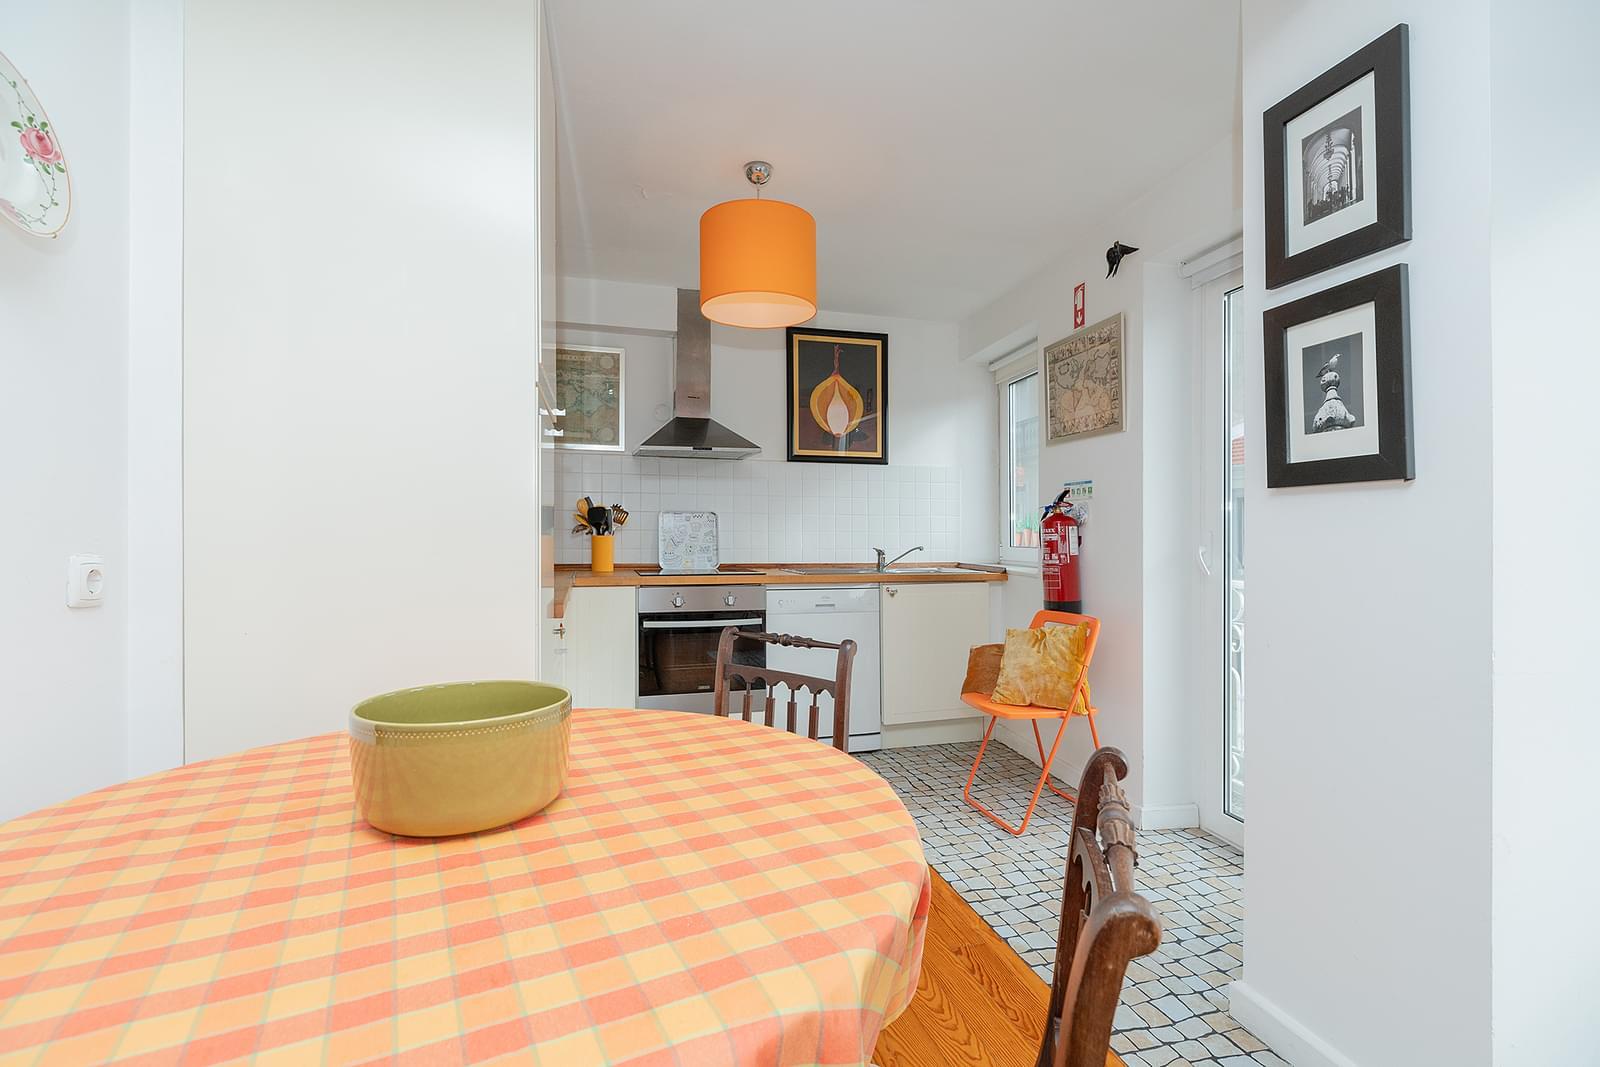 pf18727-apartamento-t1-lisboa-363bc37d-47dc-4c0a-be25-bc9ac1cb31e8